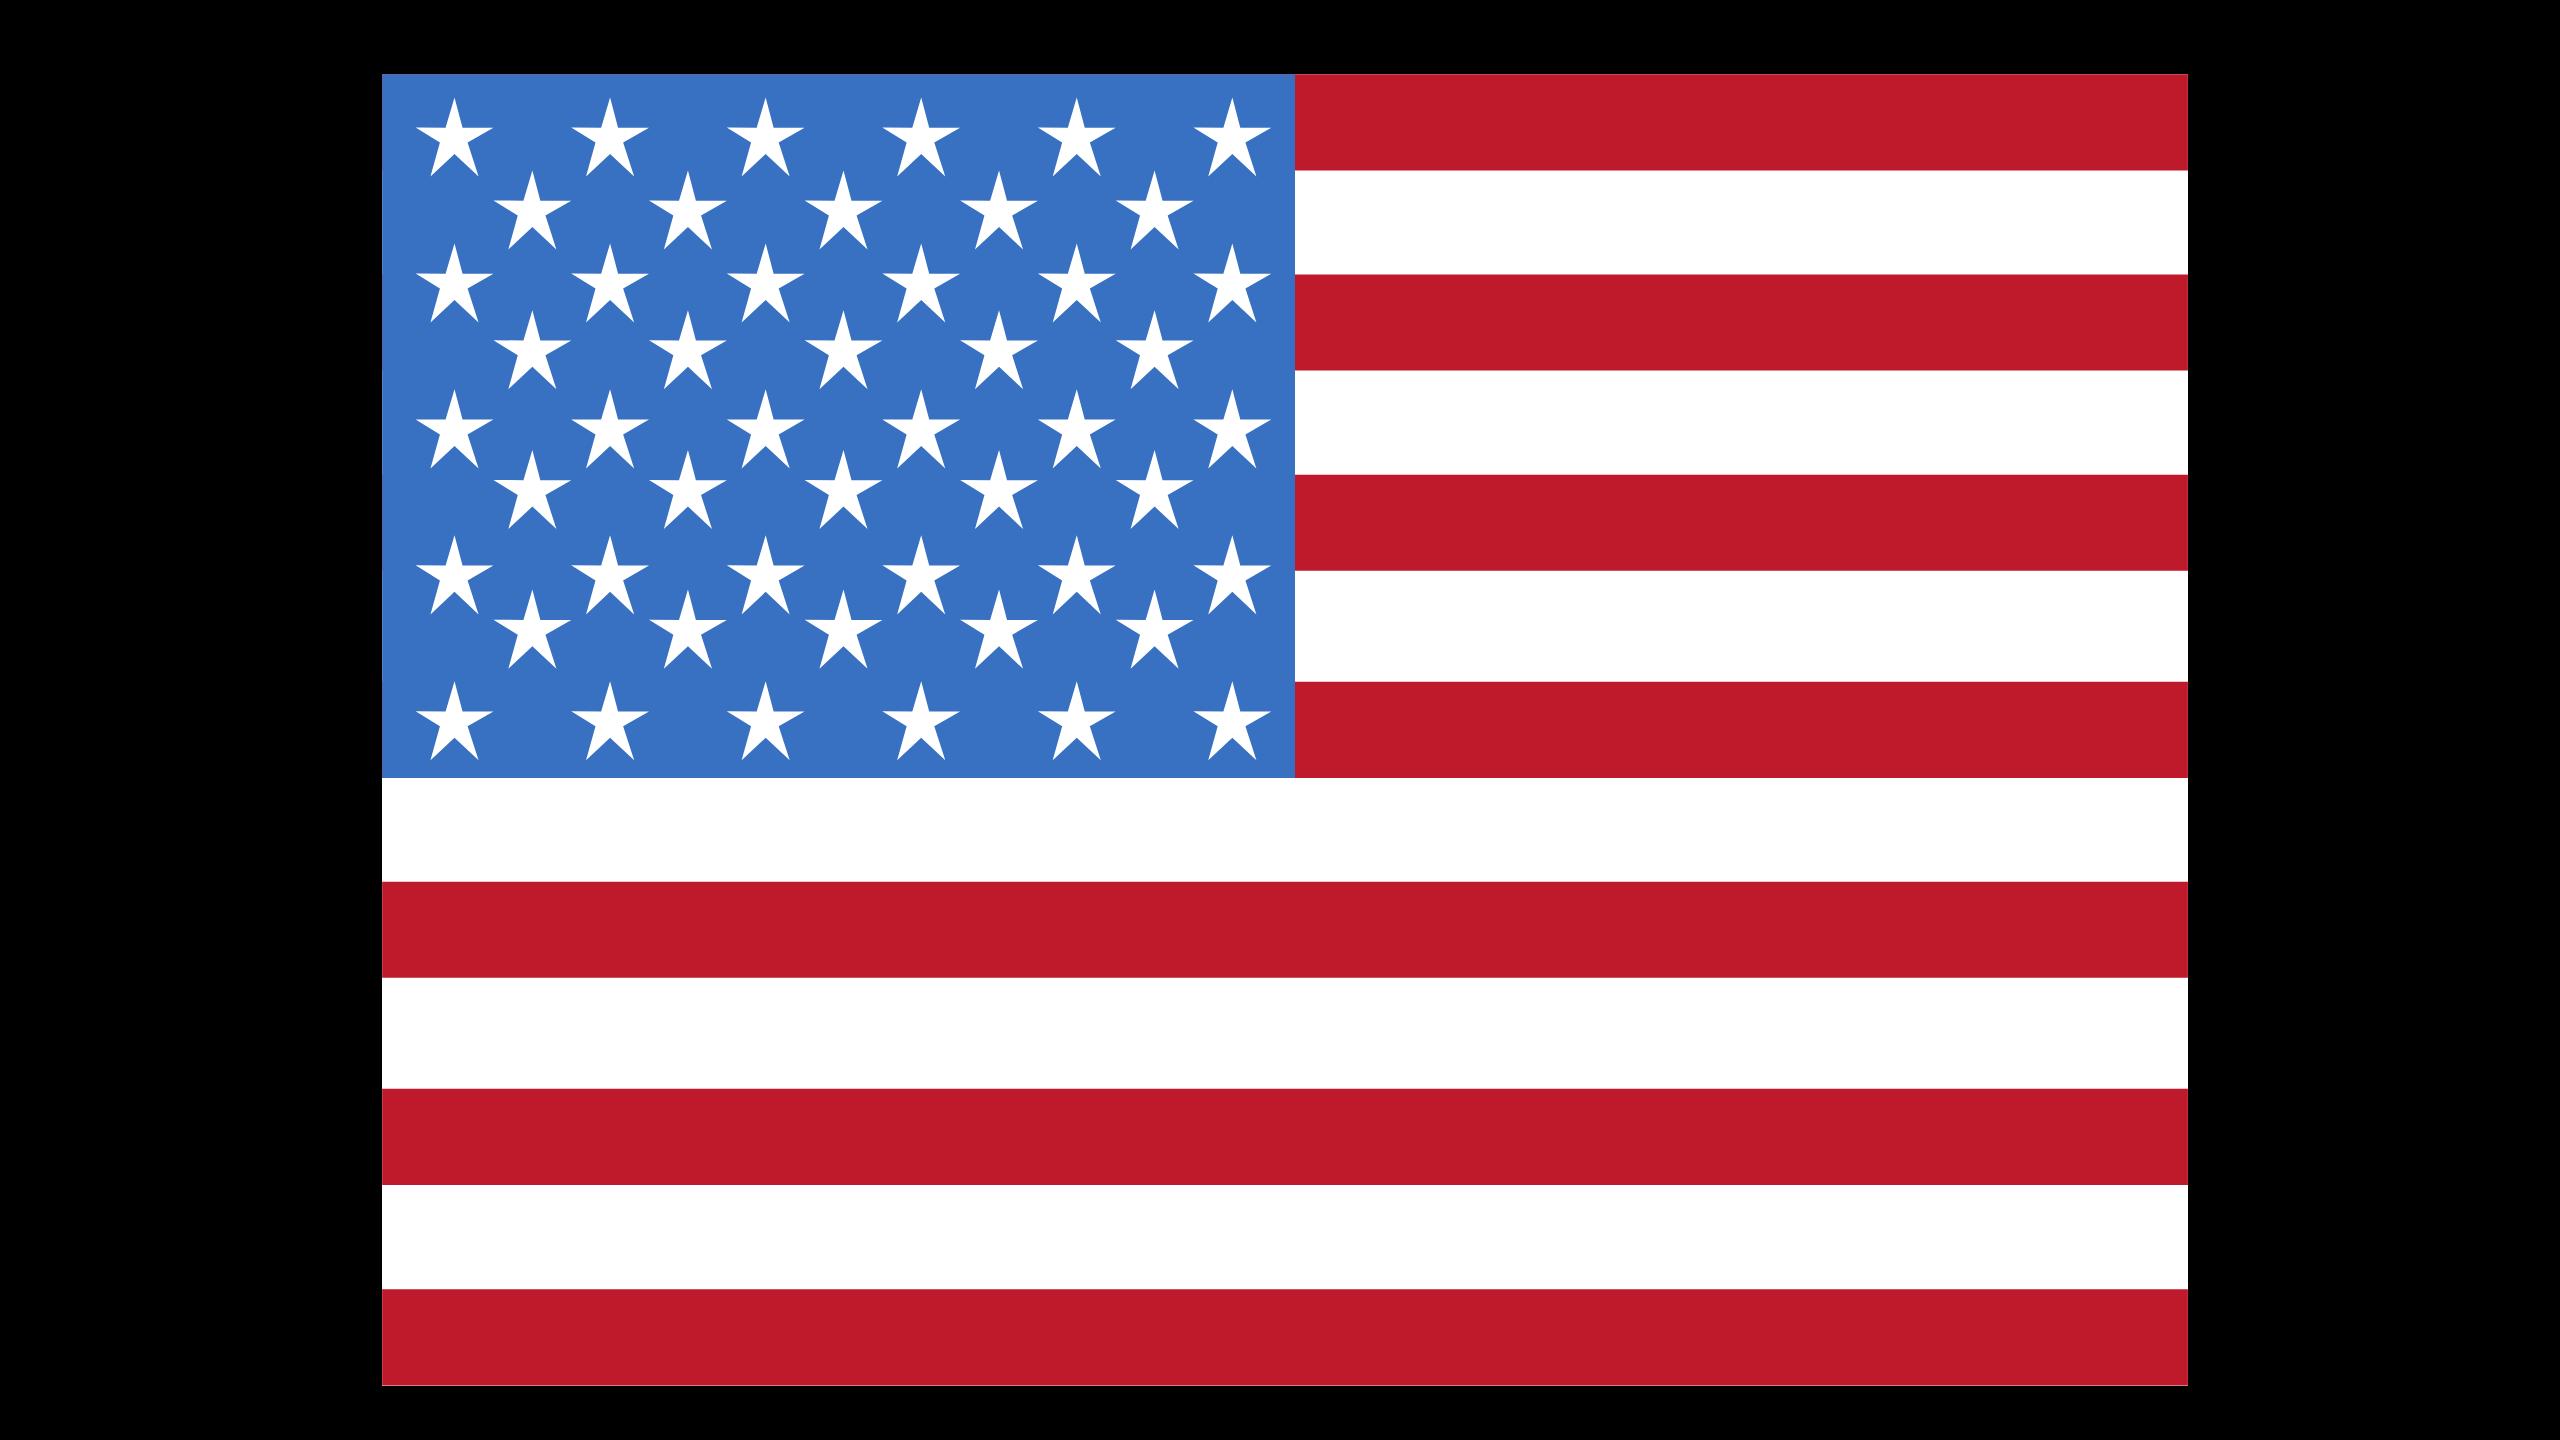 Flagge Sprachkurs Englisch